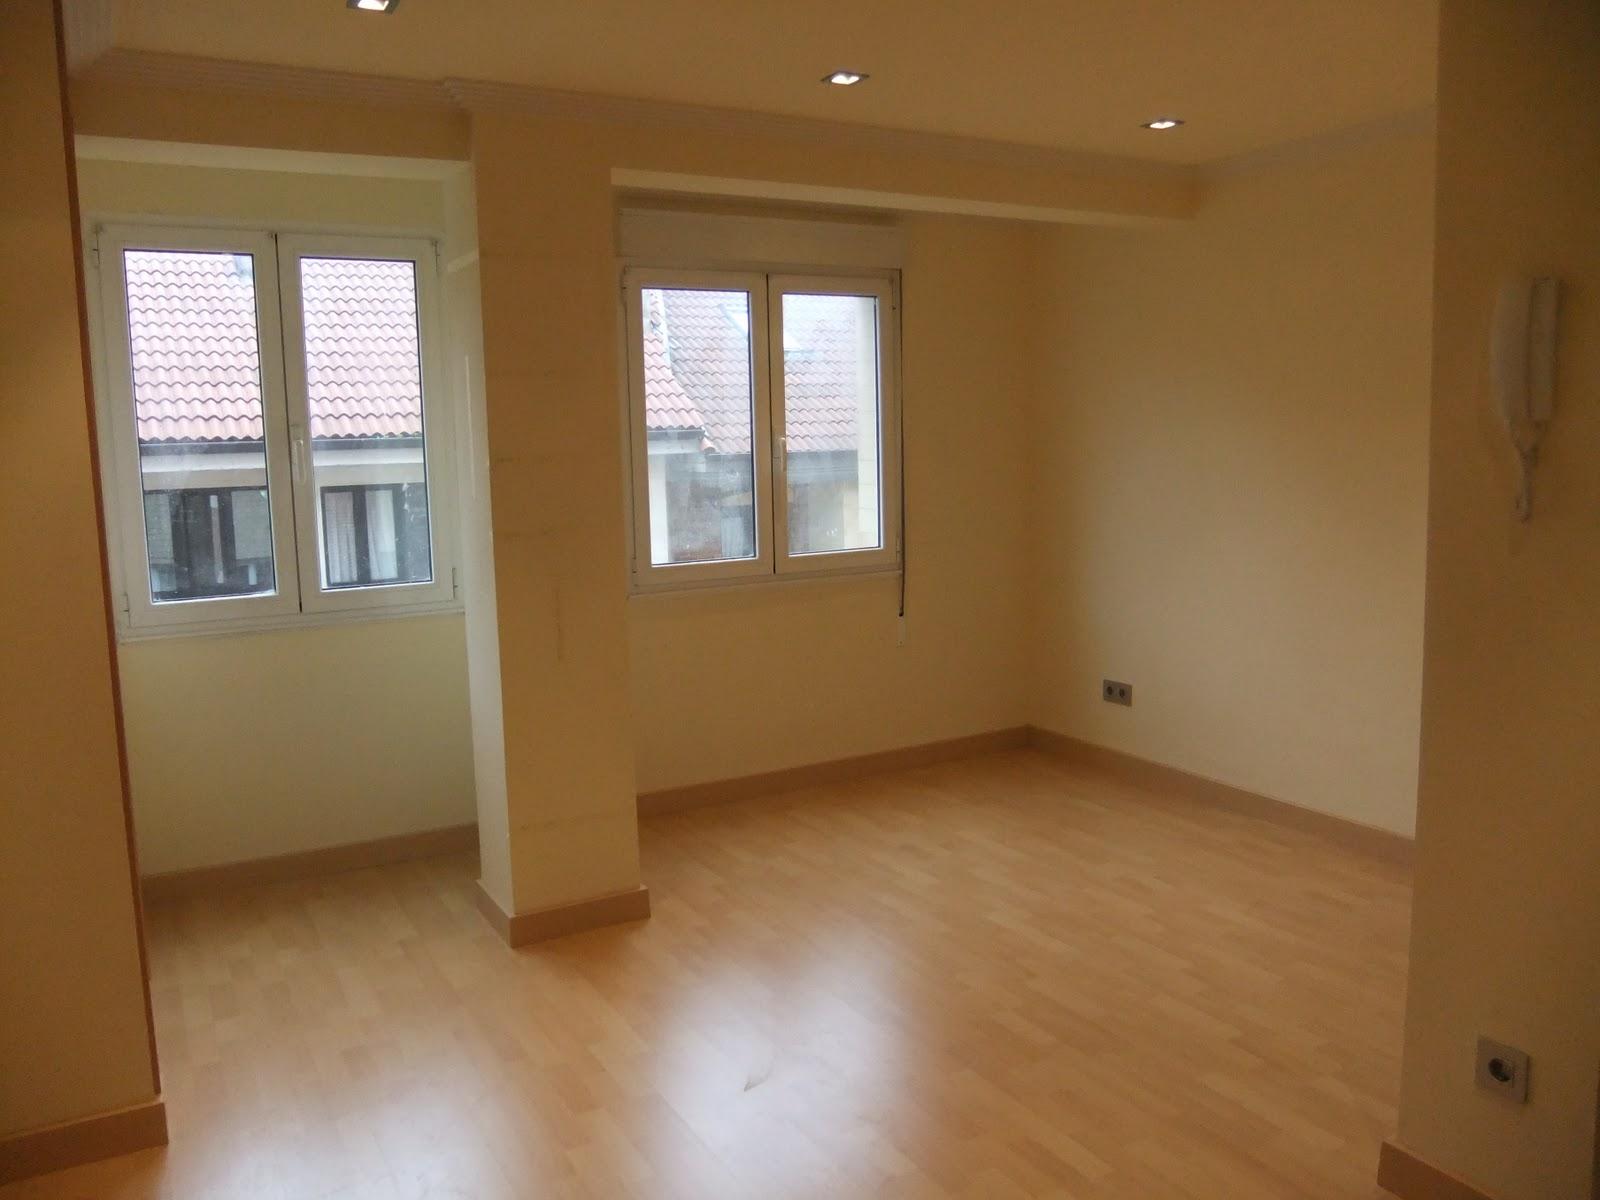 Interiorismo y decoracion lola torga peque o apartamento - Como amueblar un piso pequeno ...